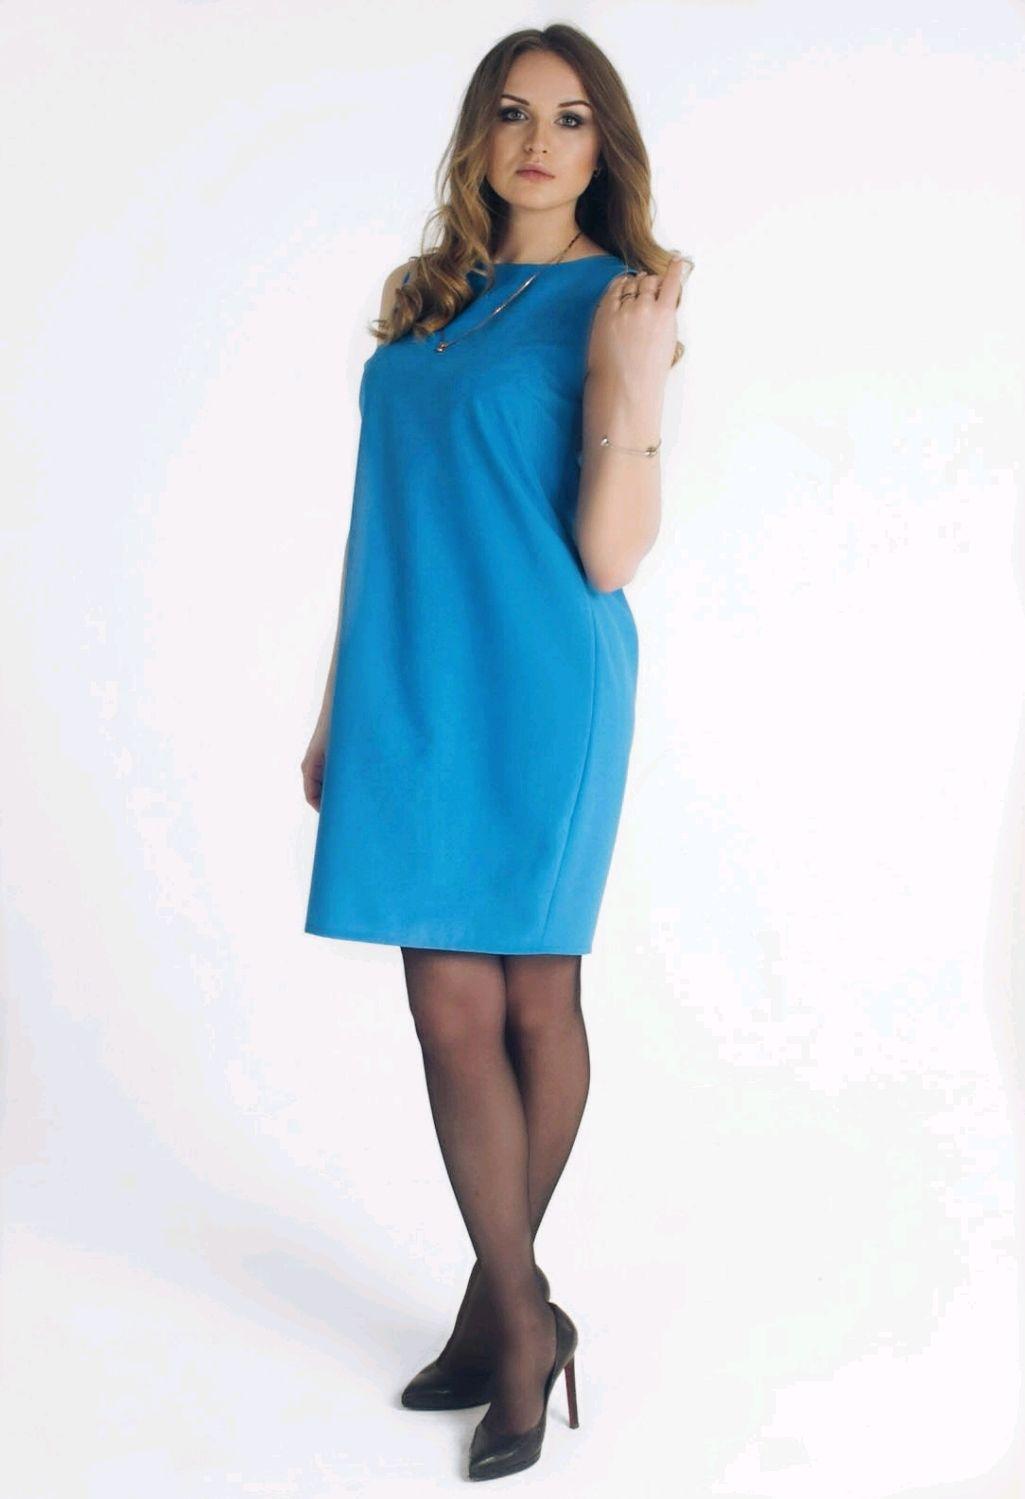 b289a55d4b5 Платье с открытой спиной – купить в интернет-магазине на Ярмарке ...